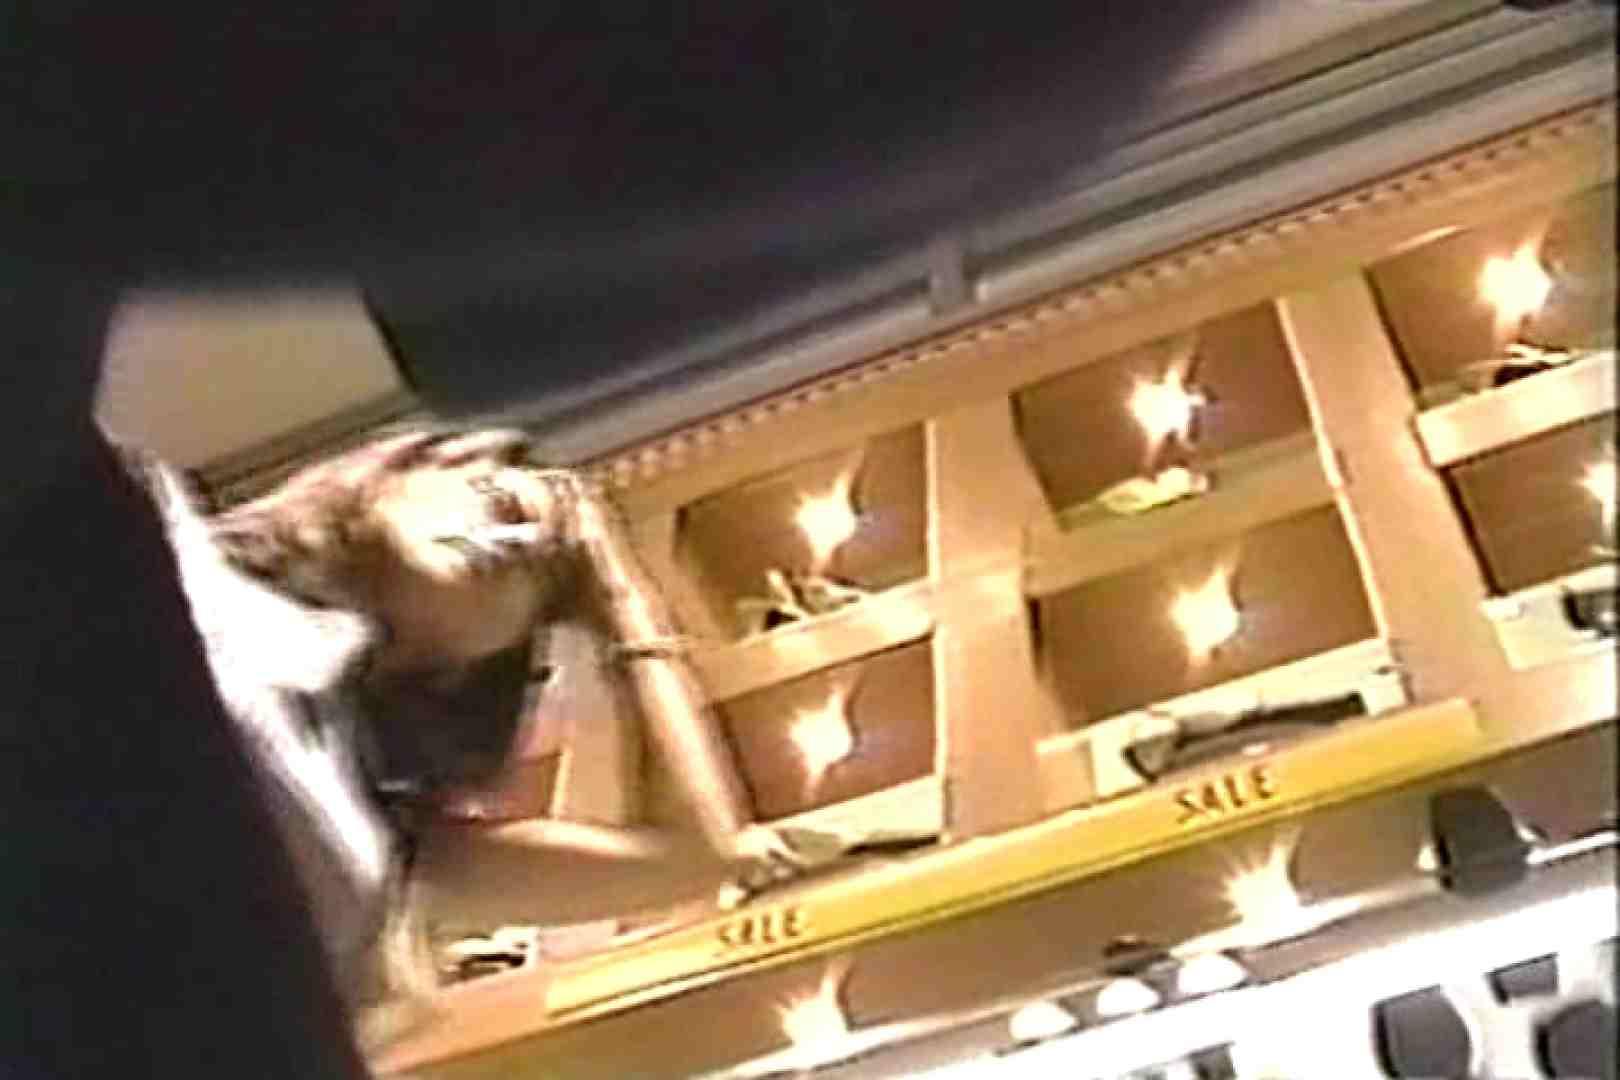 「ちくりん」さんのオリジナル未編集パンチラVol.1_01 パンチラ オマンコ動画キャプチャ 35連発 35